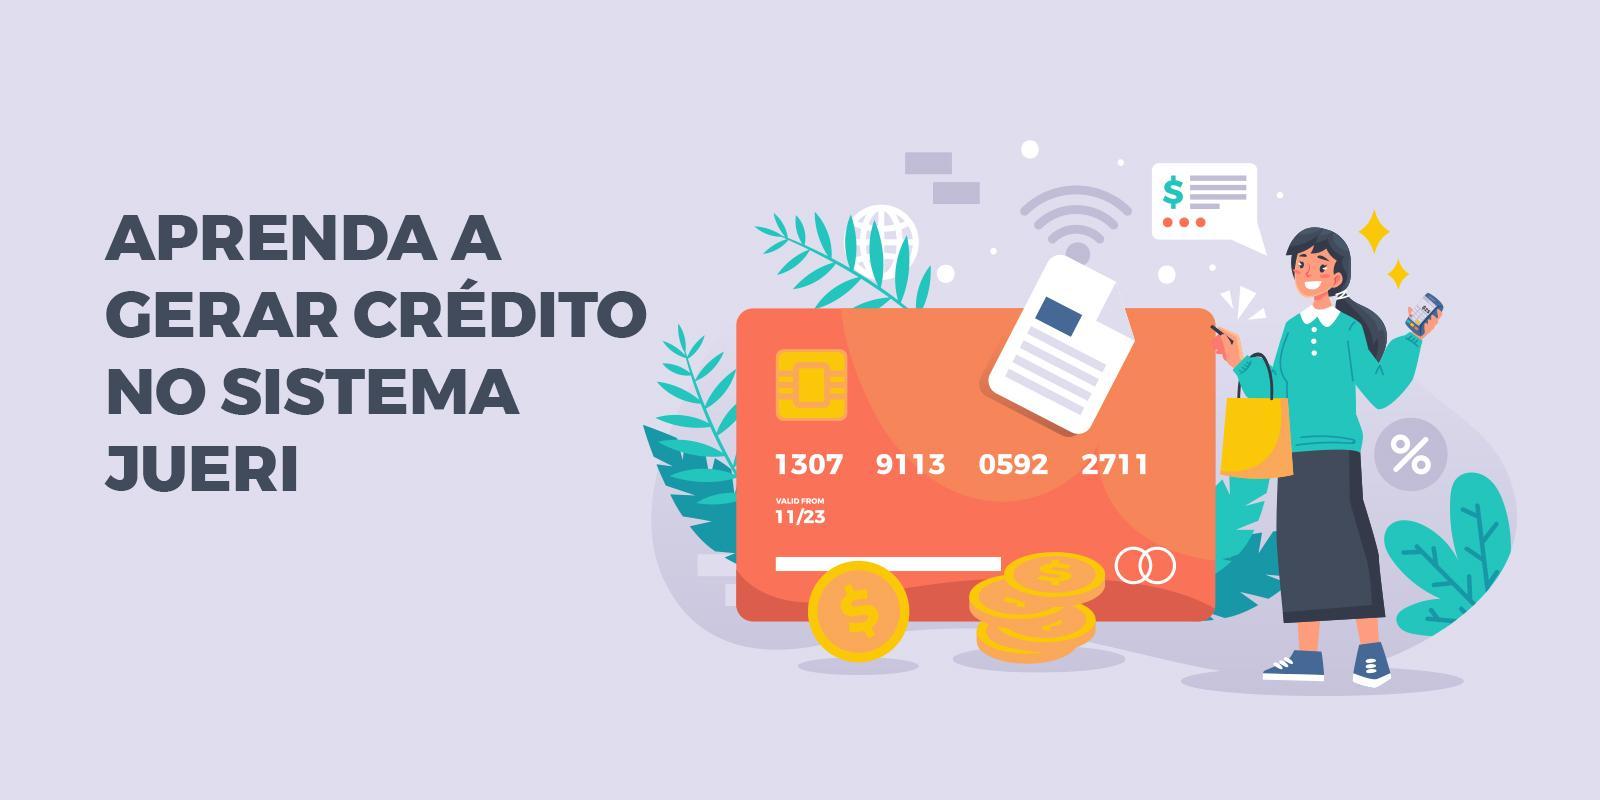 Aprenda a Gerar Crédito no Sistema Jueri